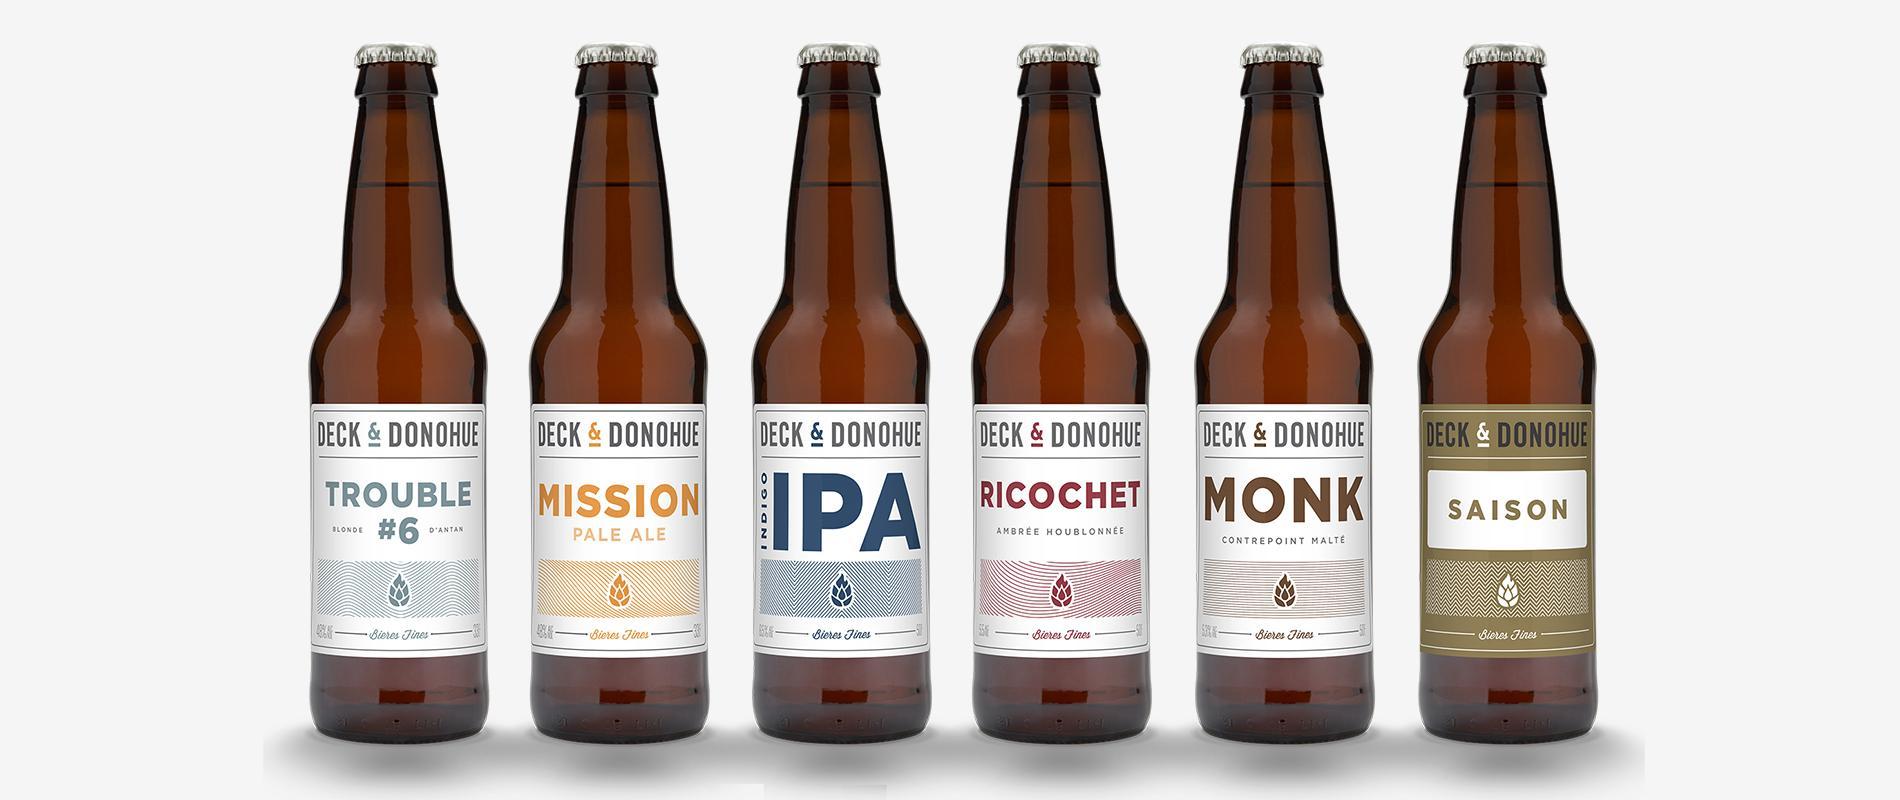 La bière artisanale, nouvelle boisson cool - Madame Figaro bbfbf069ae1e